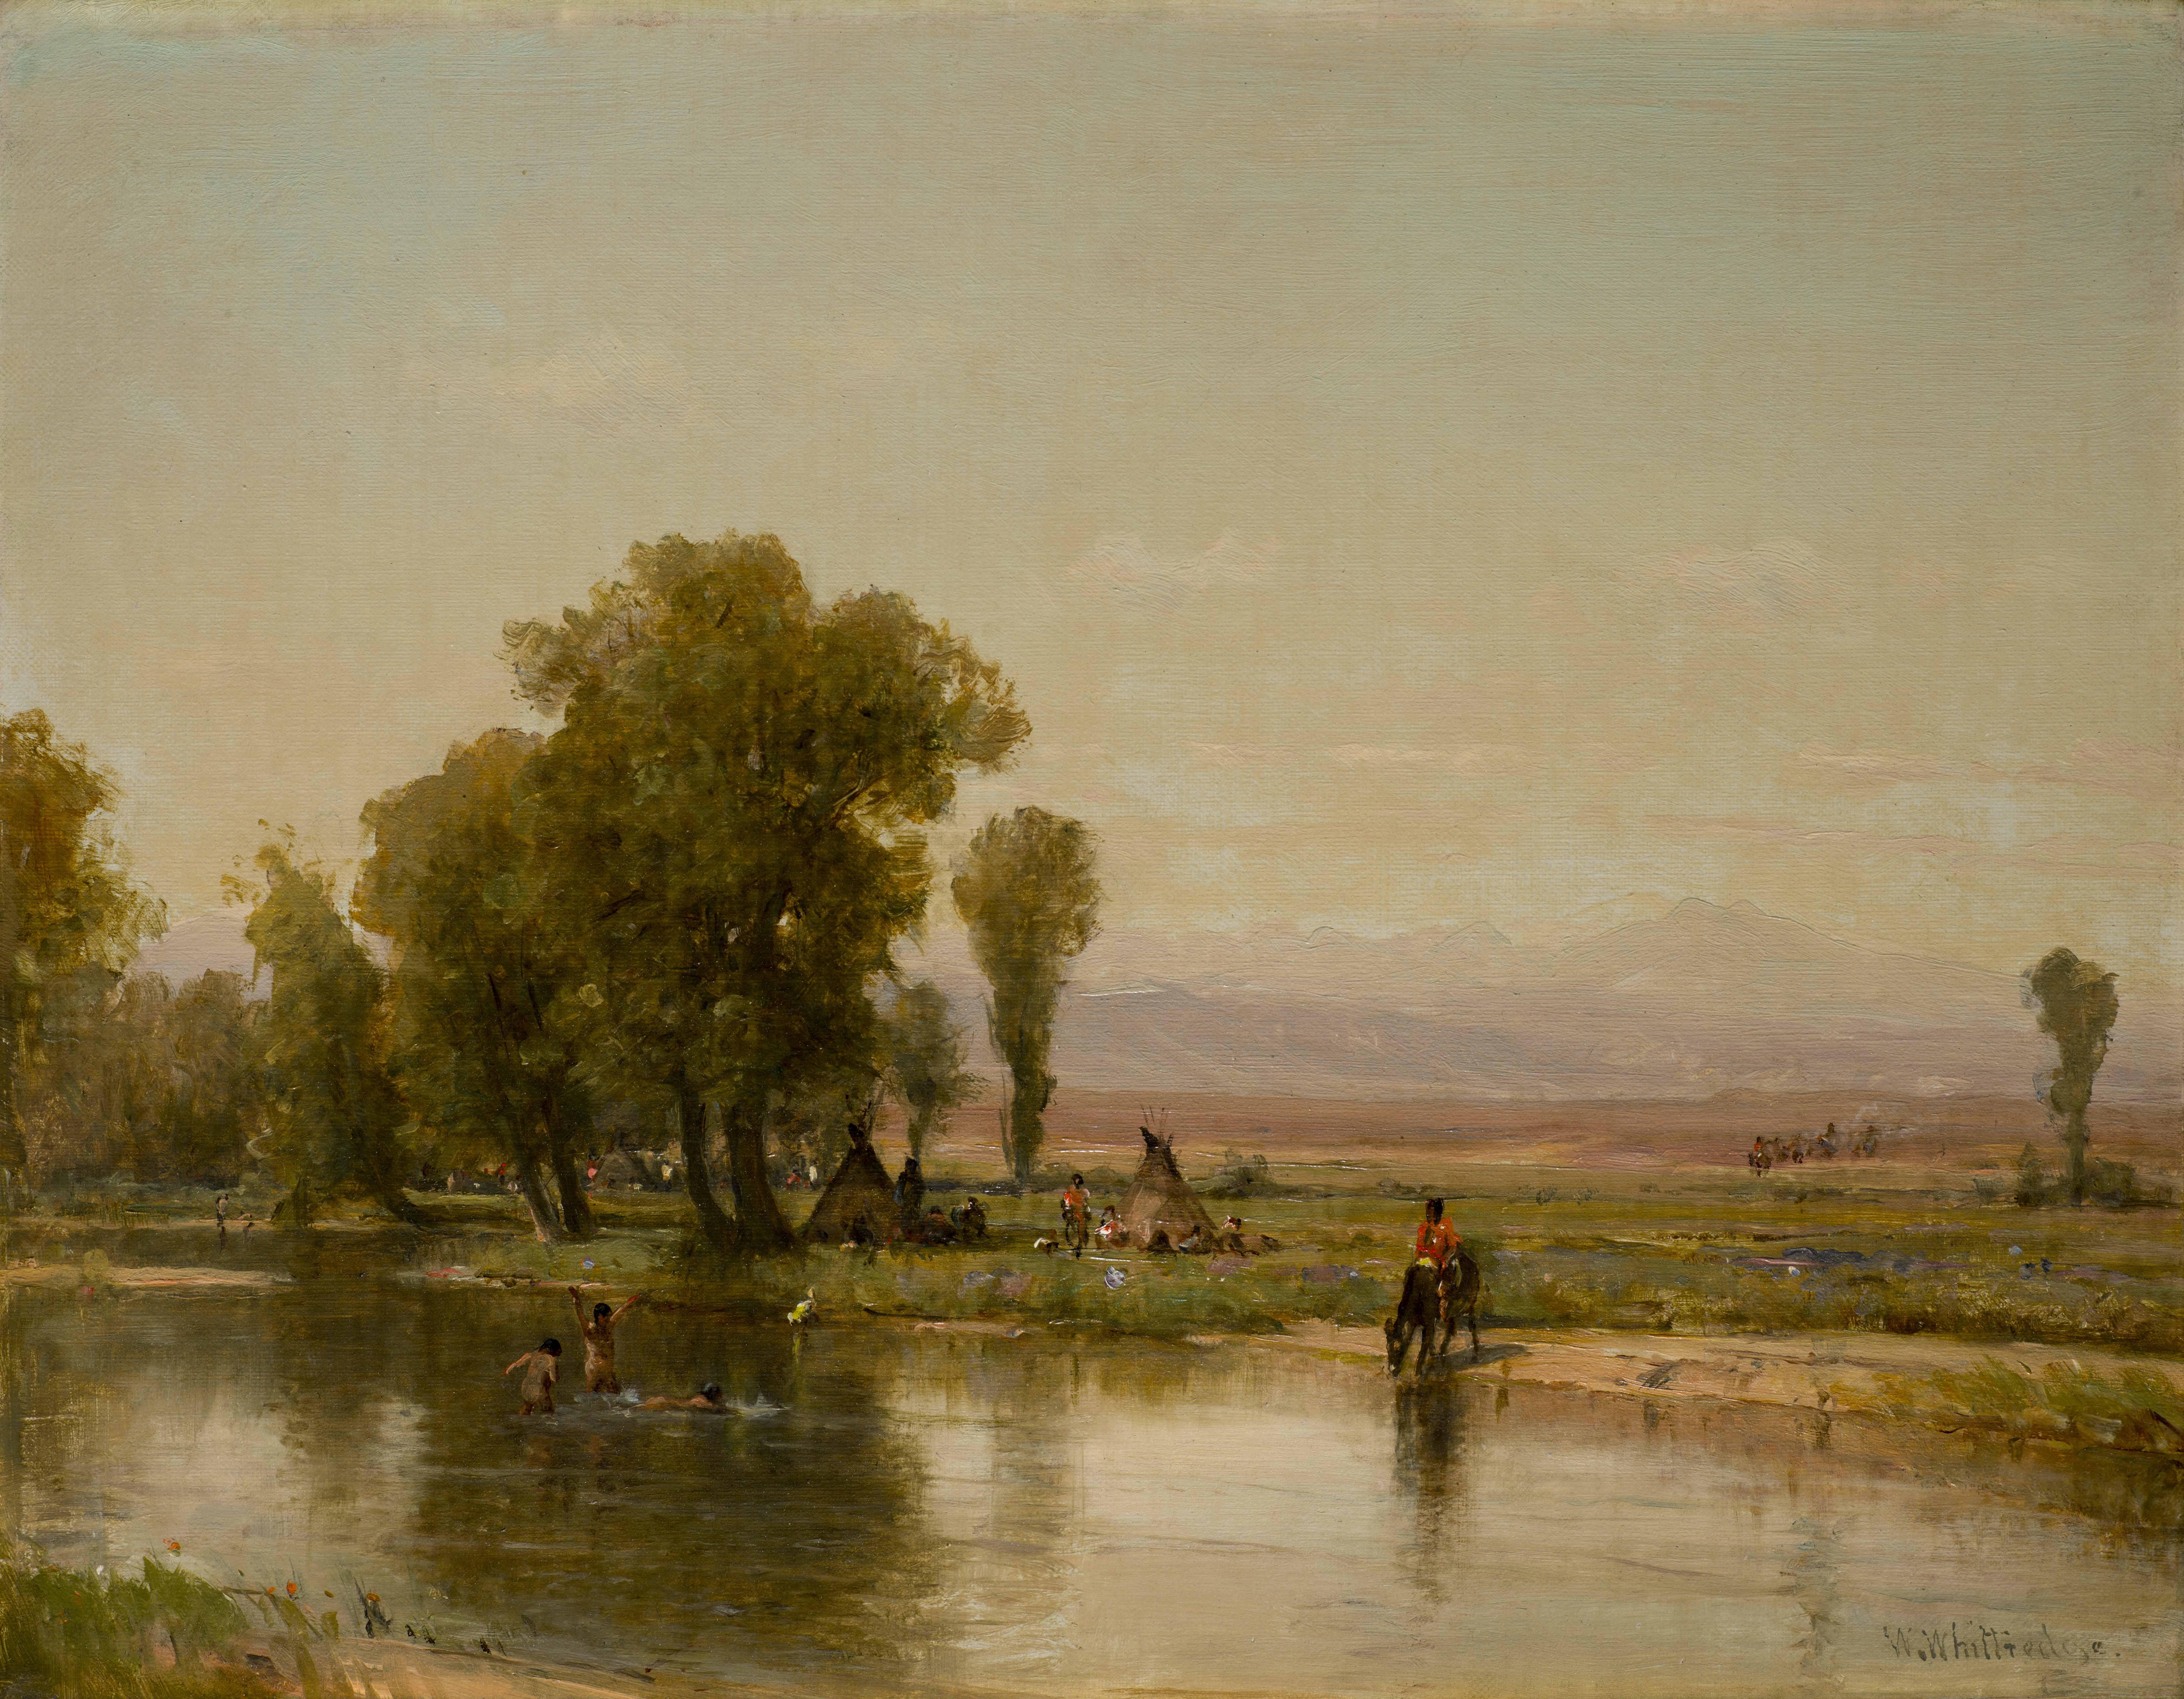 Worthington Whittredge: An artist's draw to Colorado.